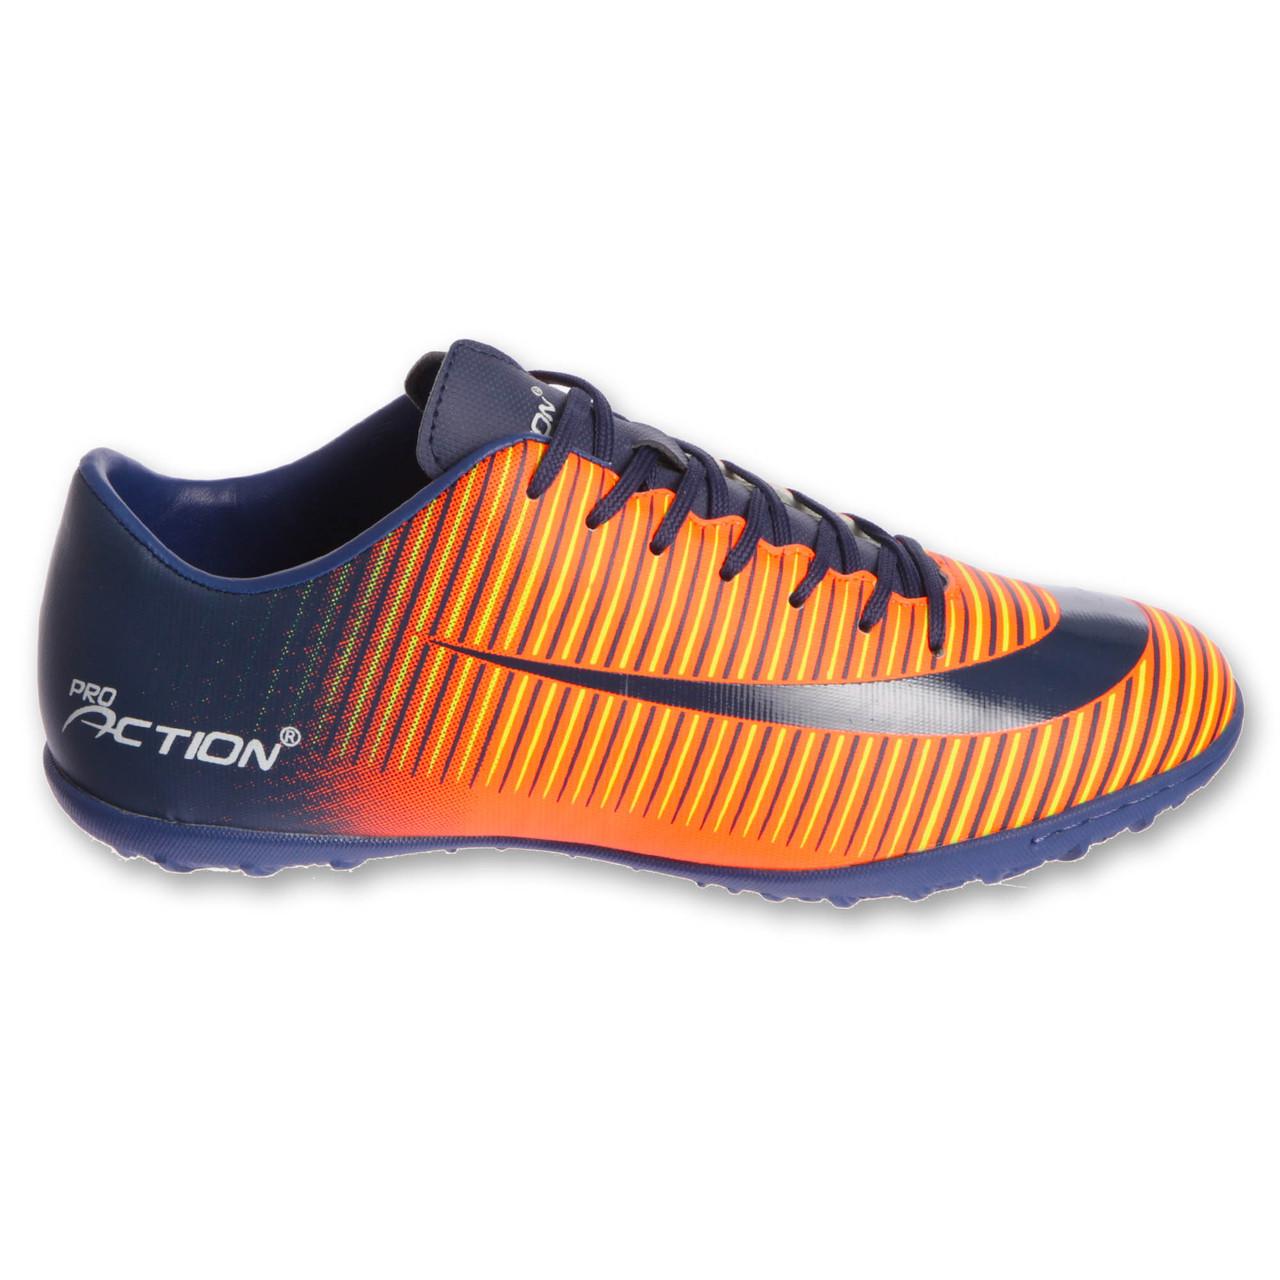 Сороконожки обувь футбольная Pro Action VL17555-TF-40-45-NO NAVY/ORANGE размер 40-45 (верх-PU, темно-синий-оранжевый)